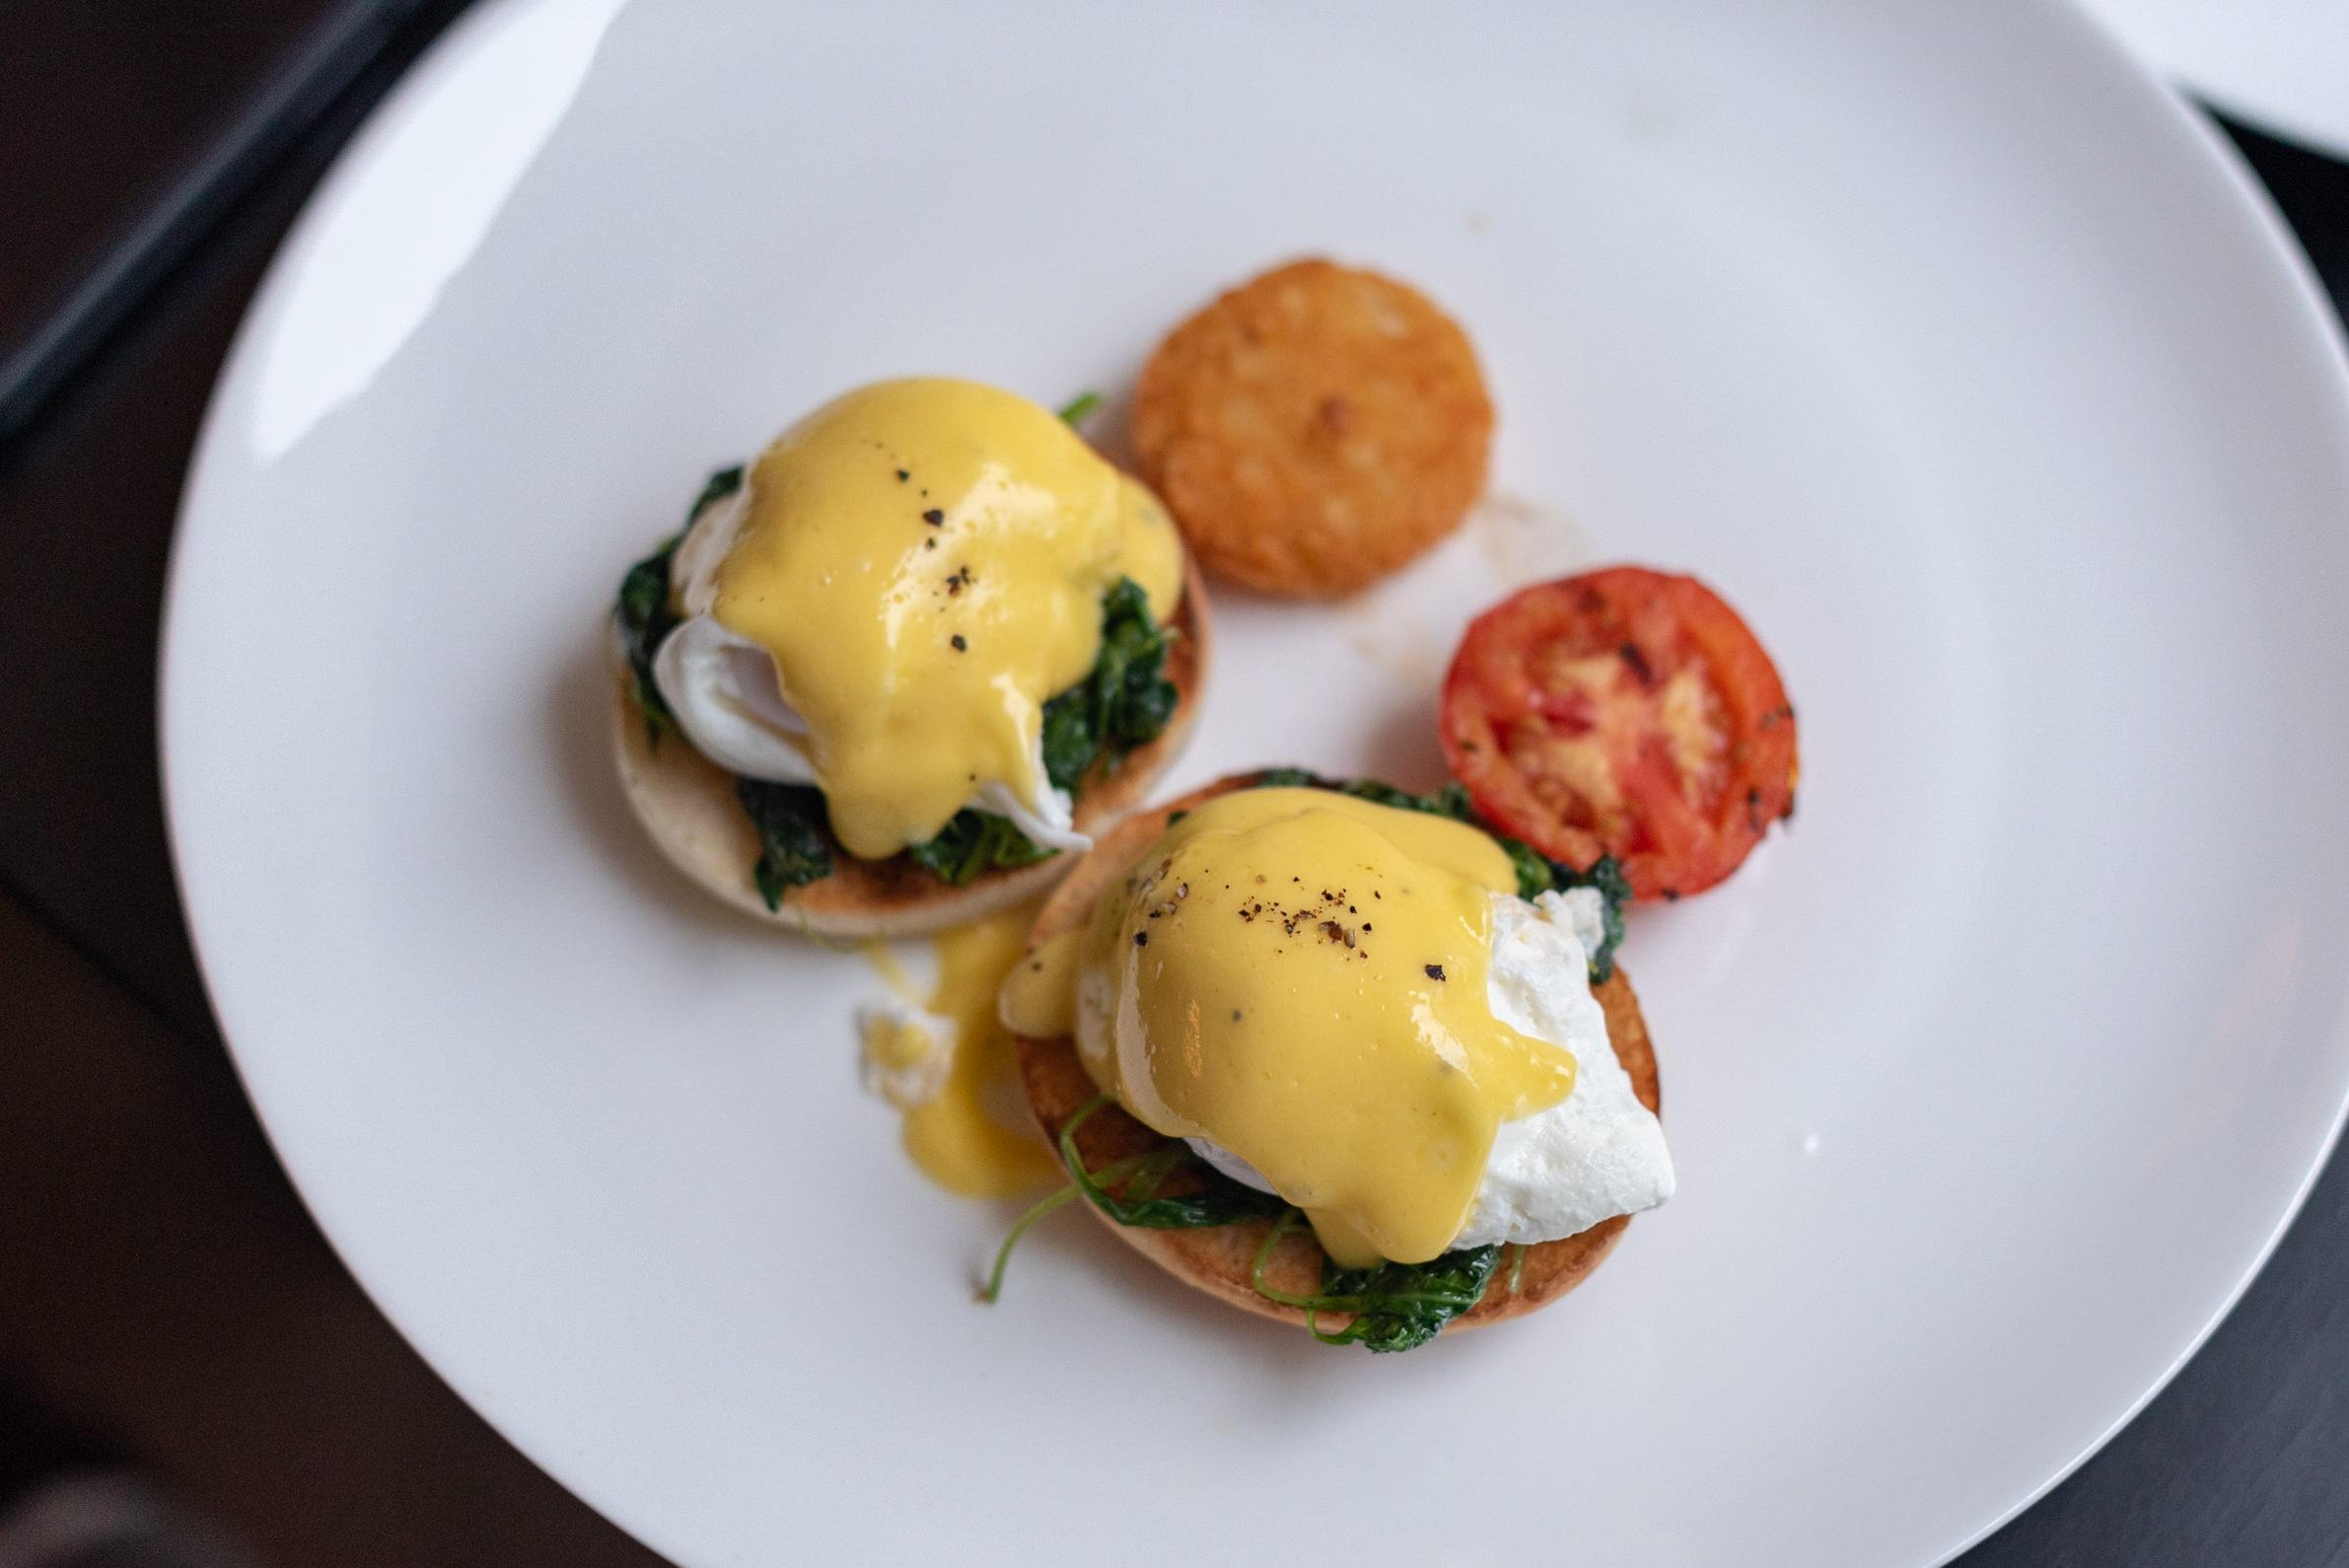 Eggs Benedict - Breakfast  The Dining Room - Park Hyatt Siem Reap